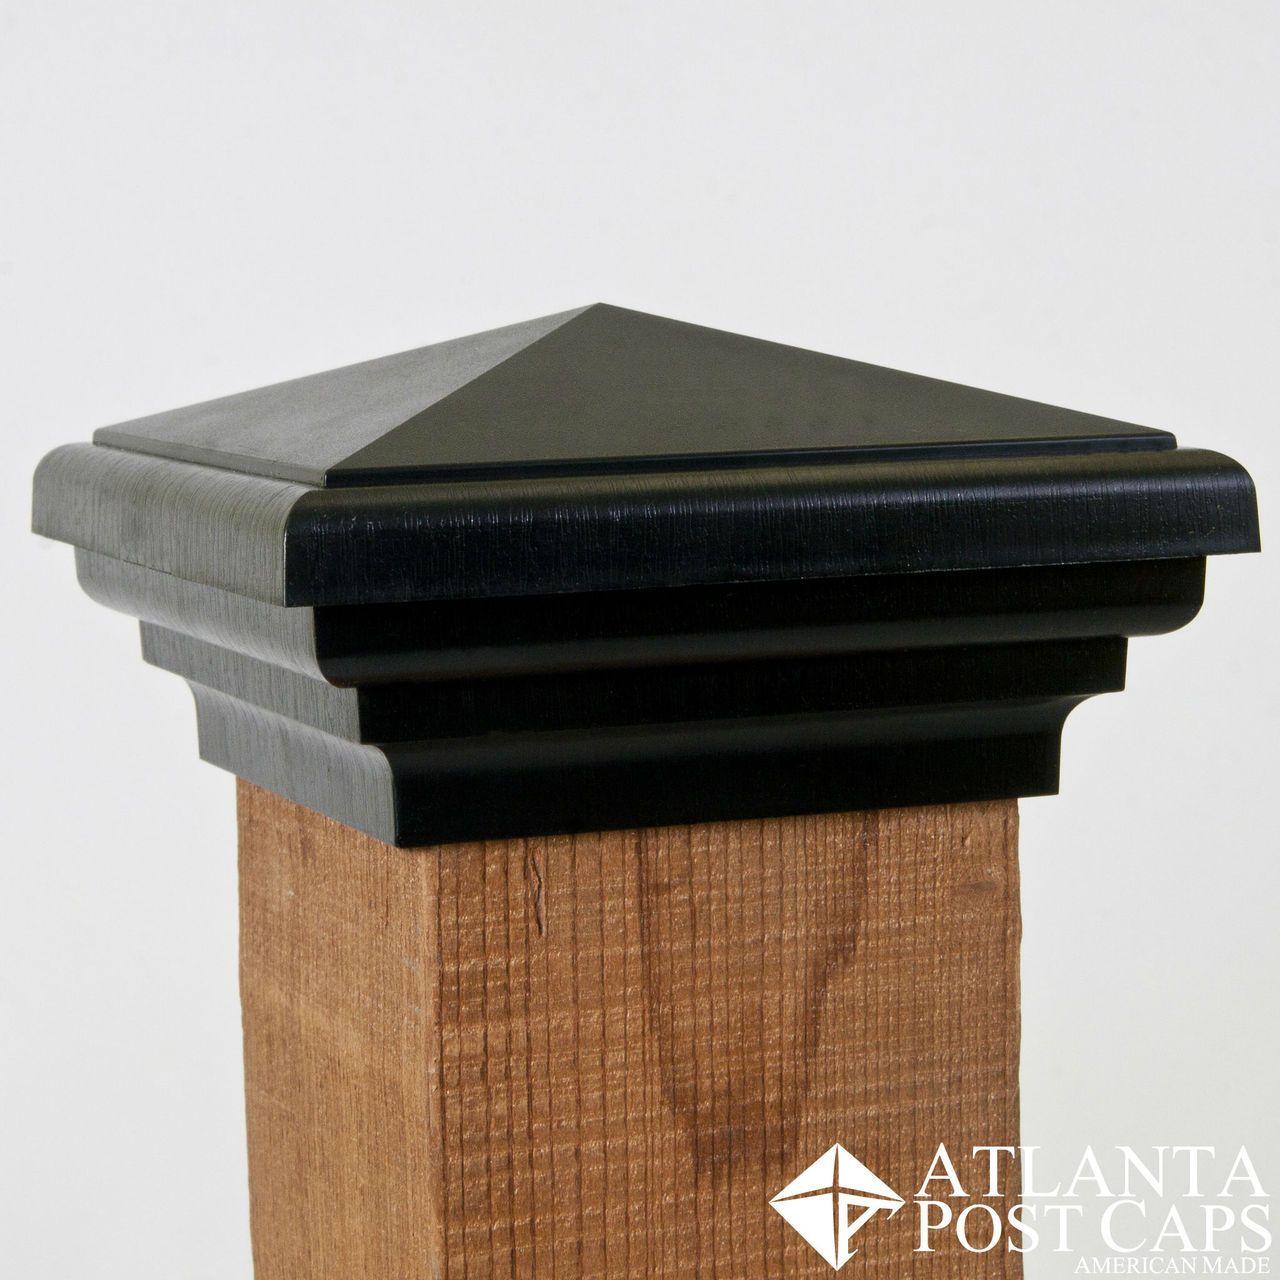 4x4 Post Cap Black Pyramid Top Fence Post Caps Privacy Fences Deck Post Caps